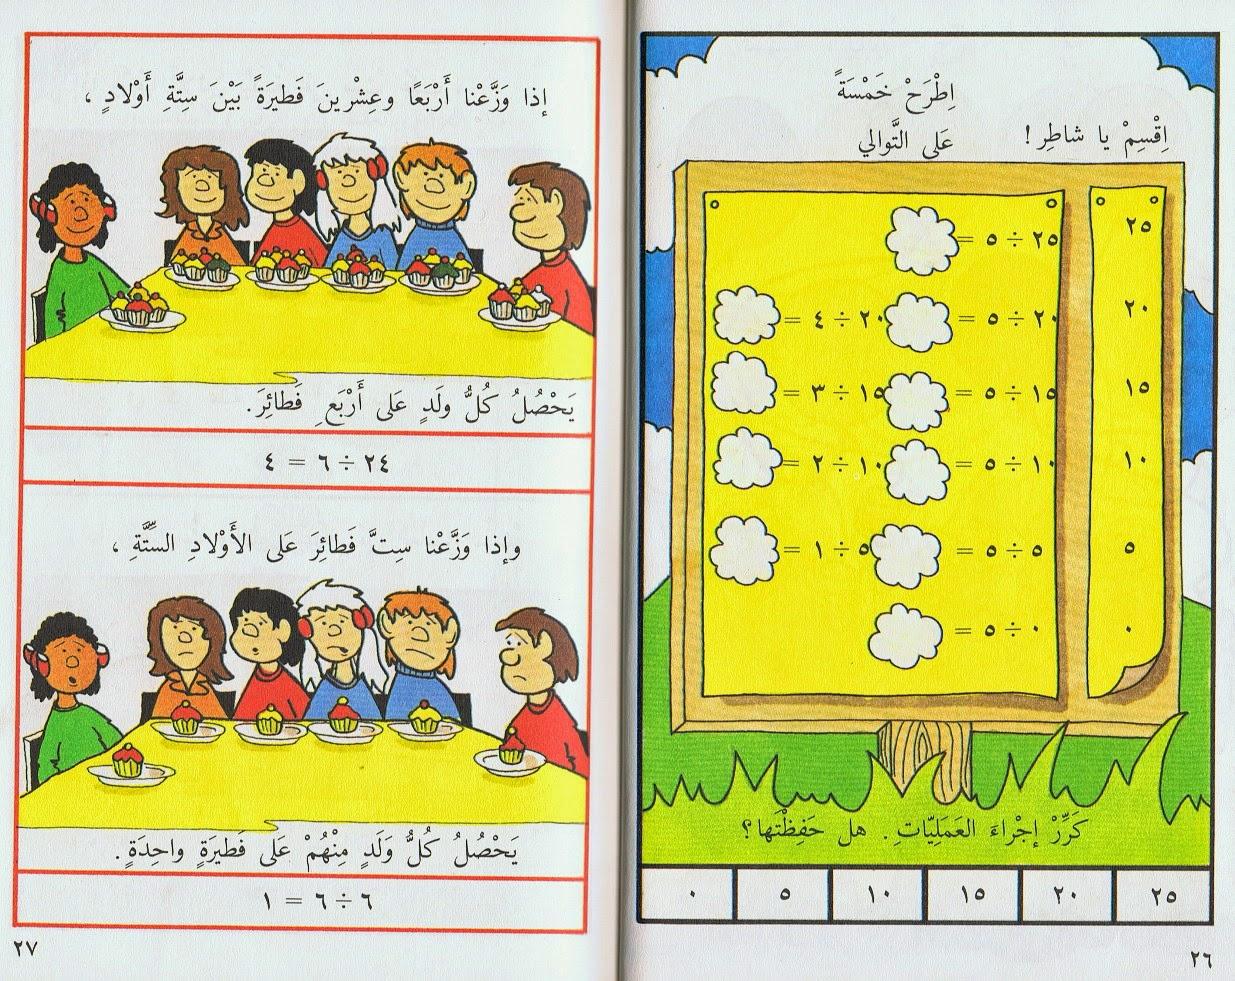 كتاب تعليم القسمة لأطفال الصف الثالث بالألوان الطبيعية 2015 CCI05062012_00043.jp